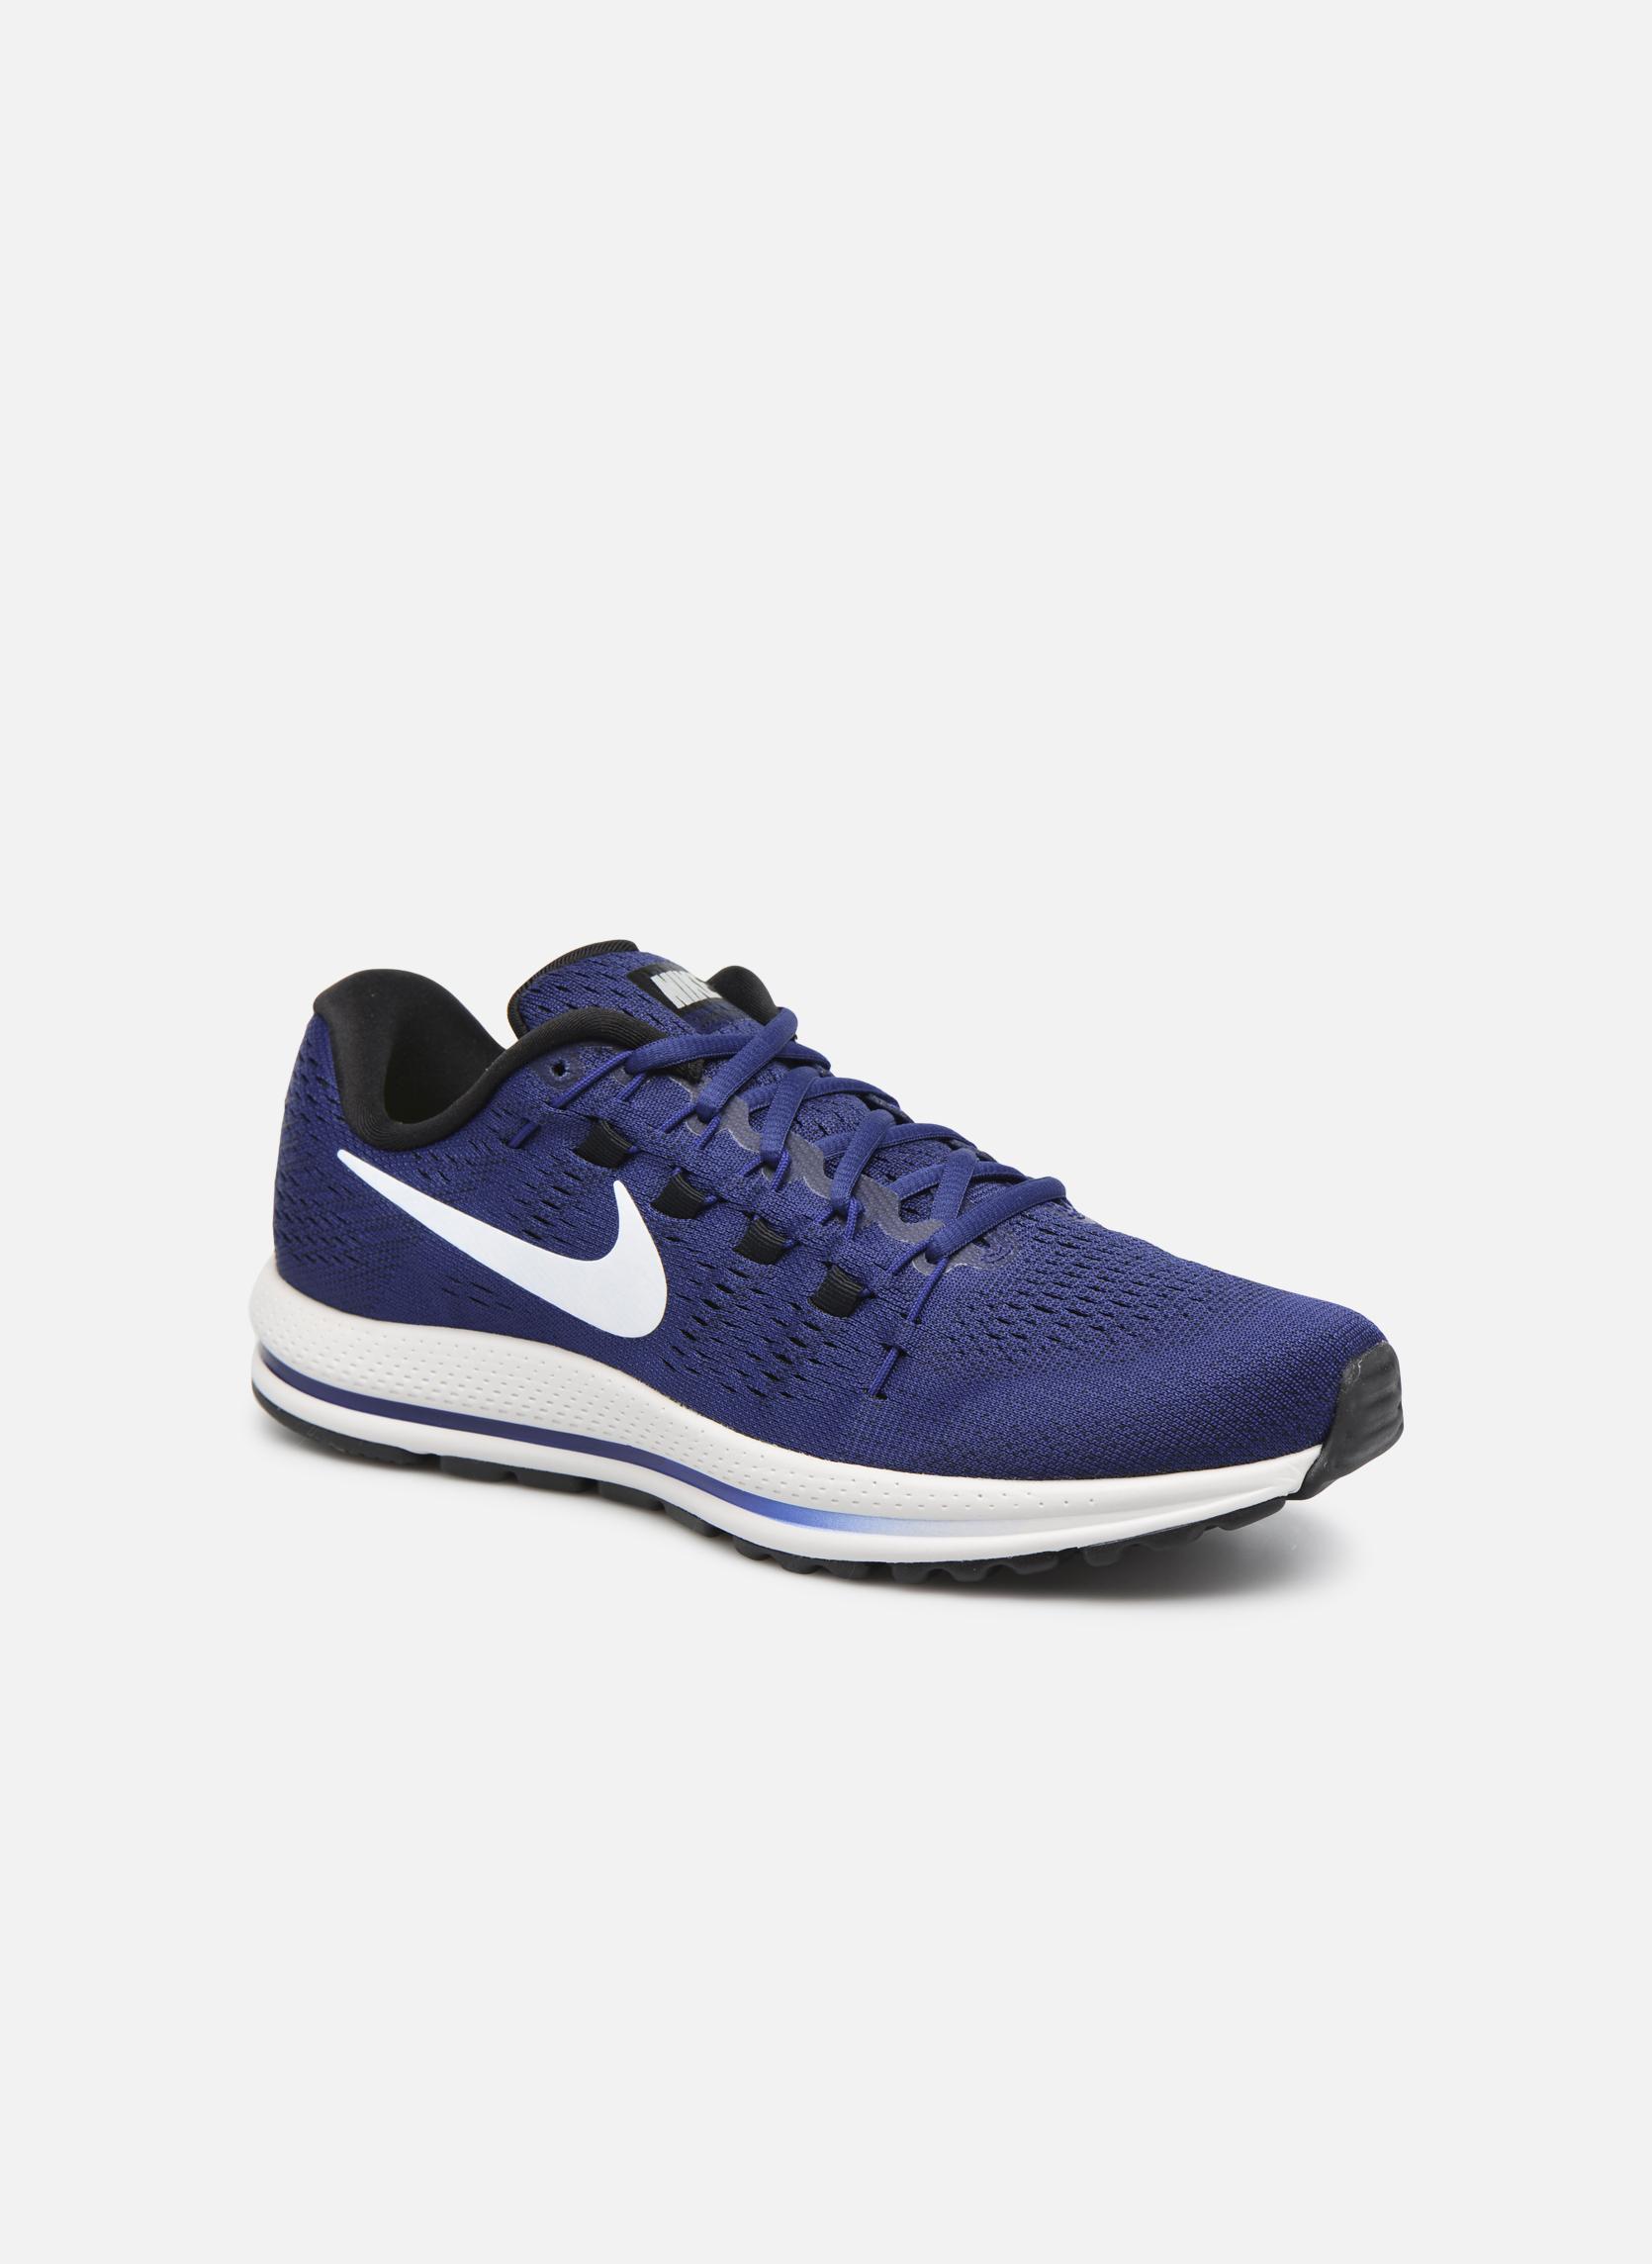 Zapatillas de deporte Hombre Nike Air Zoom Vomero 12